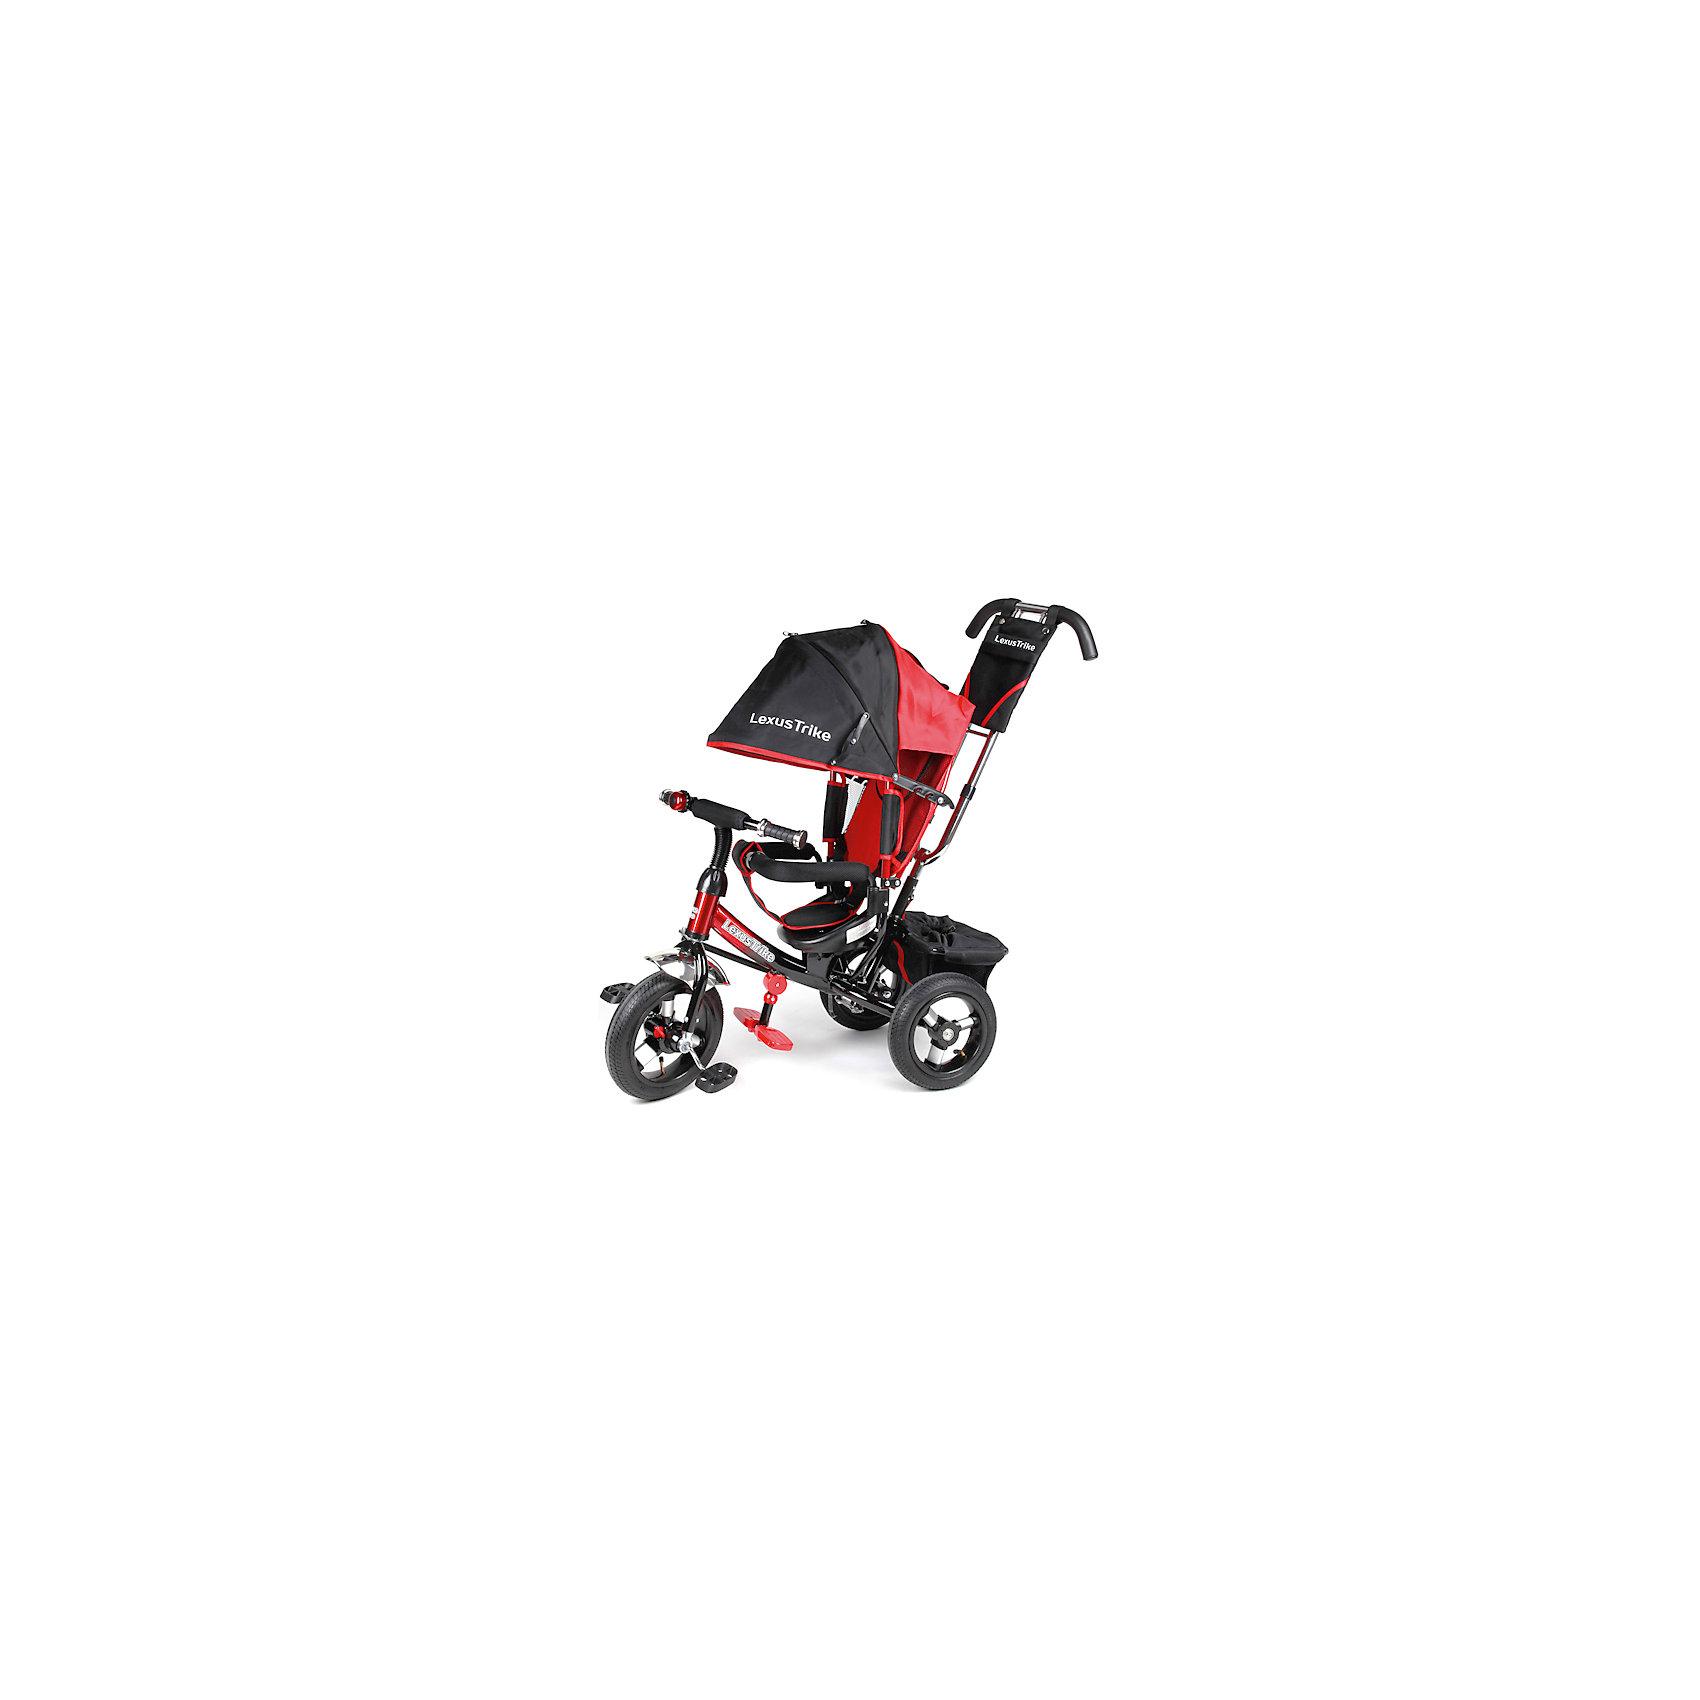 Трехколесный велосипед, с надувными колесами, красный+черный,  Lexus Trike